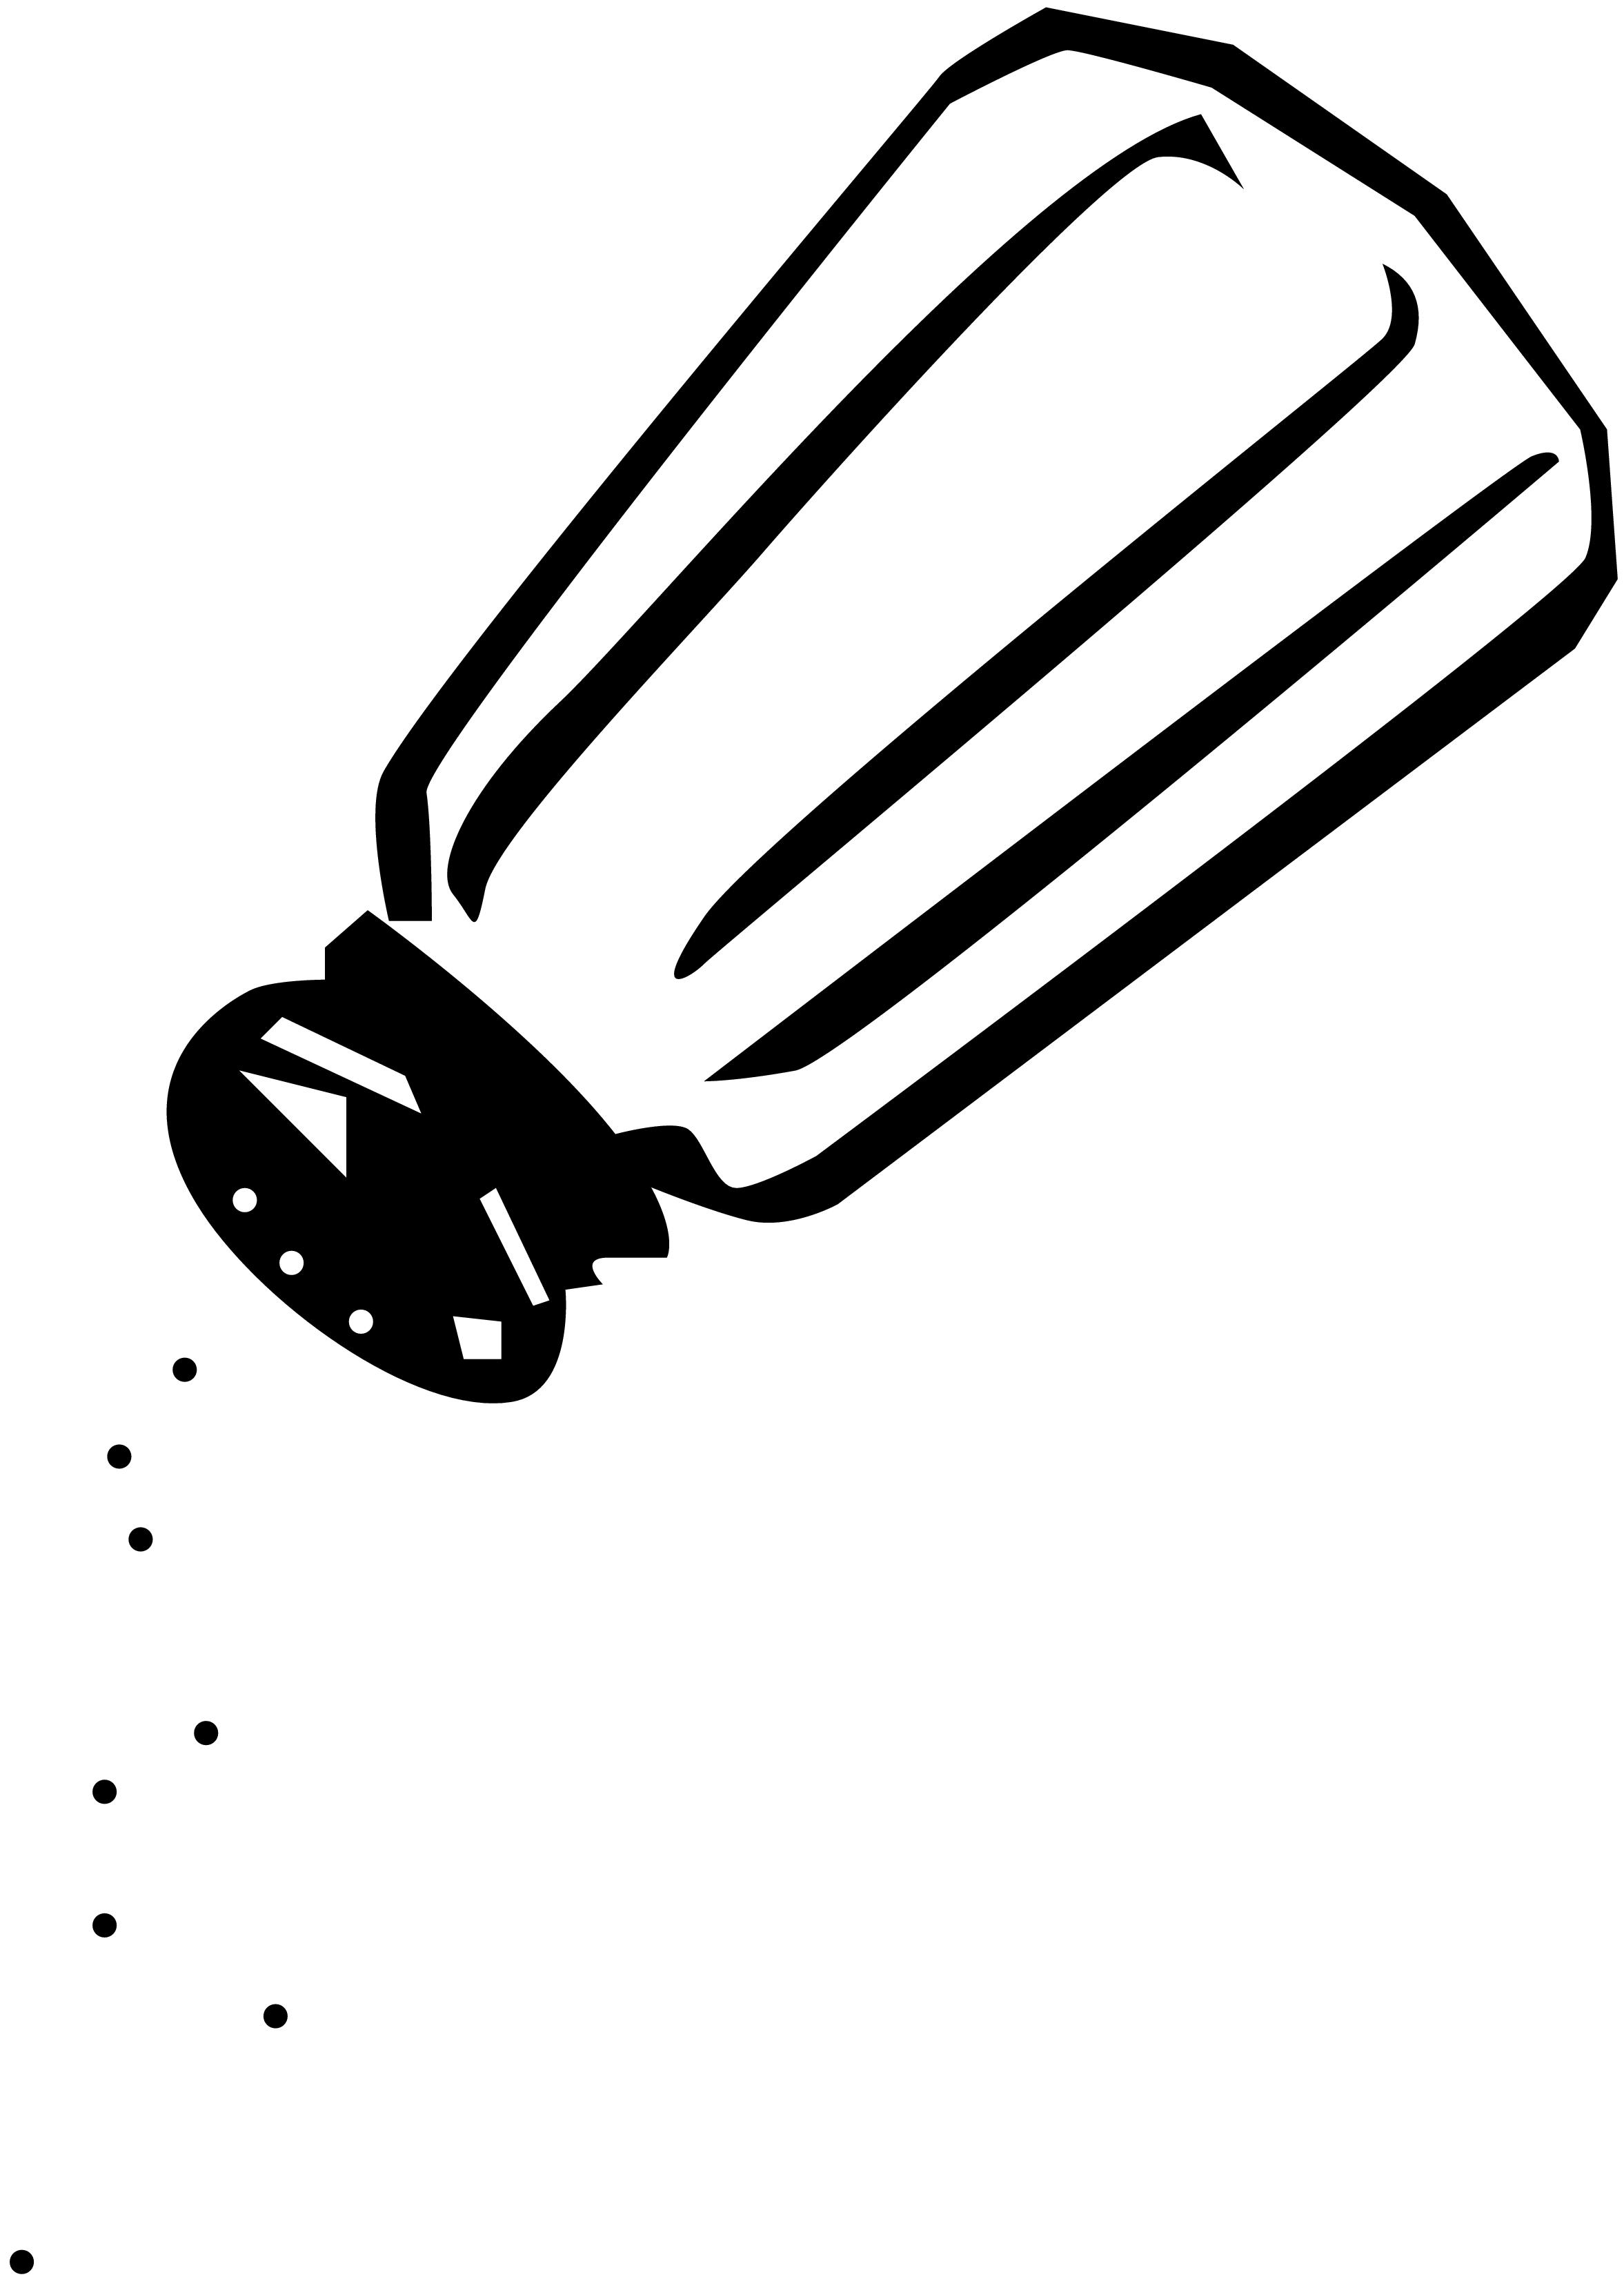 Salt salt clipart #1